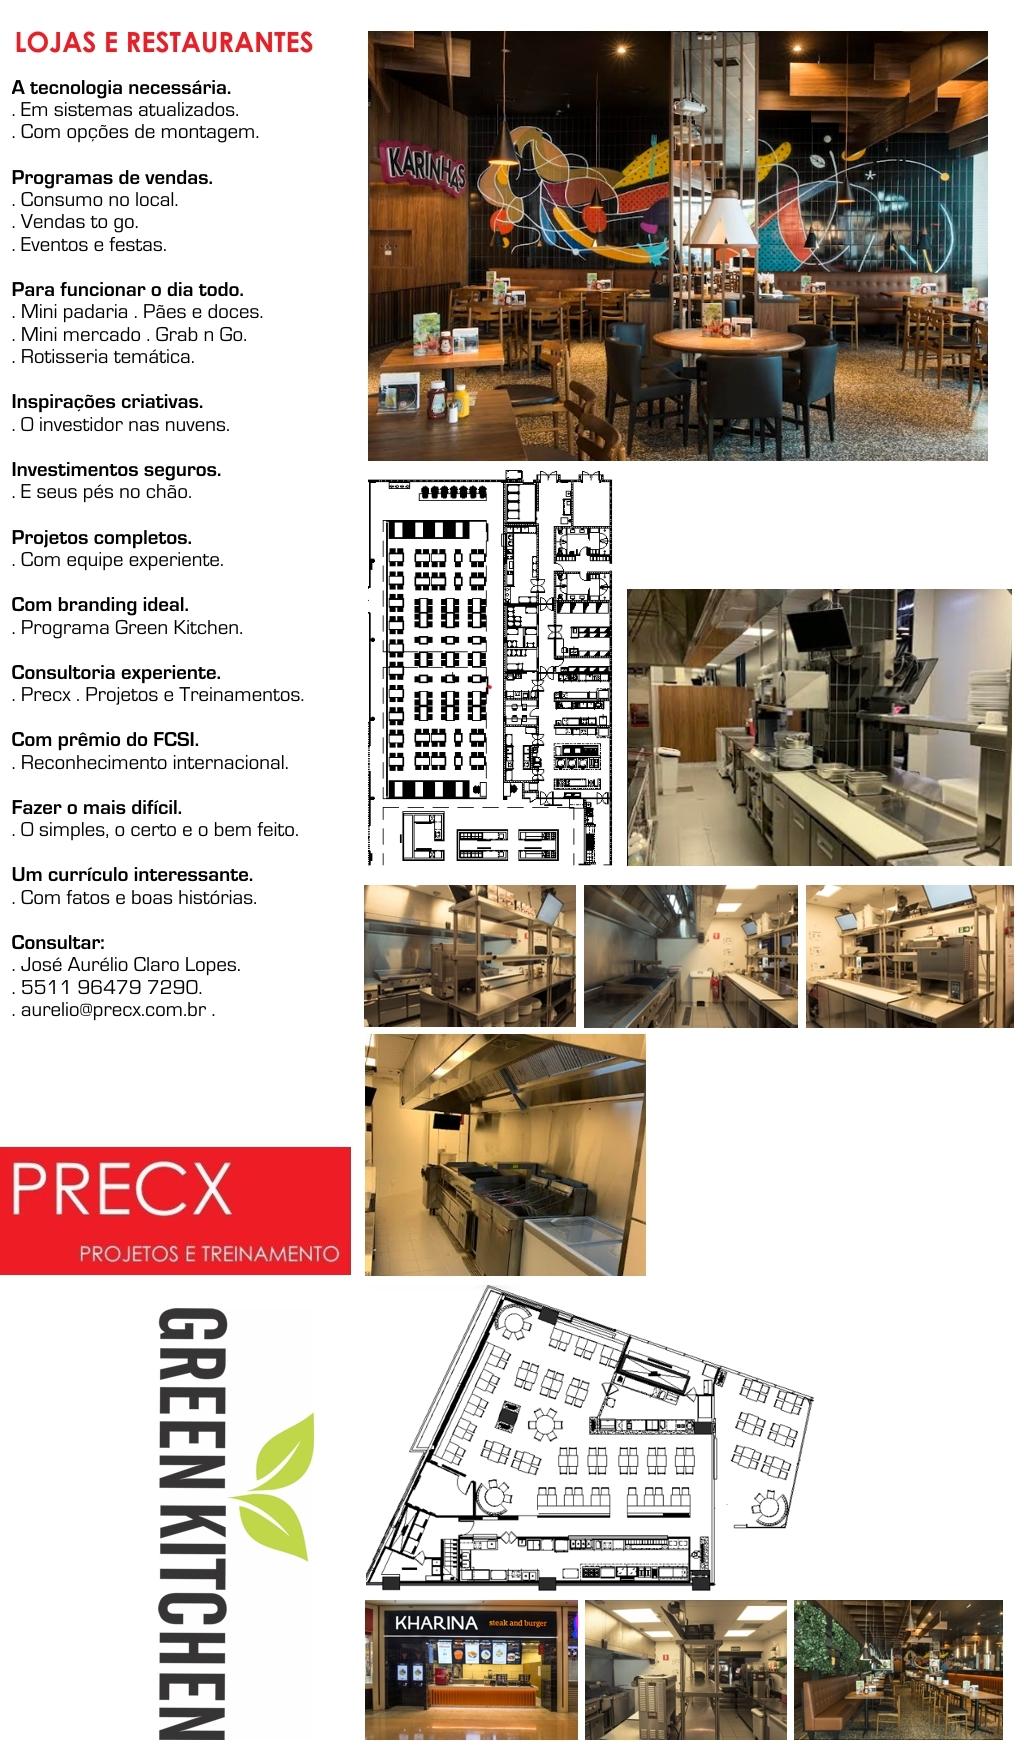 precx inicial nova 2b